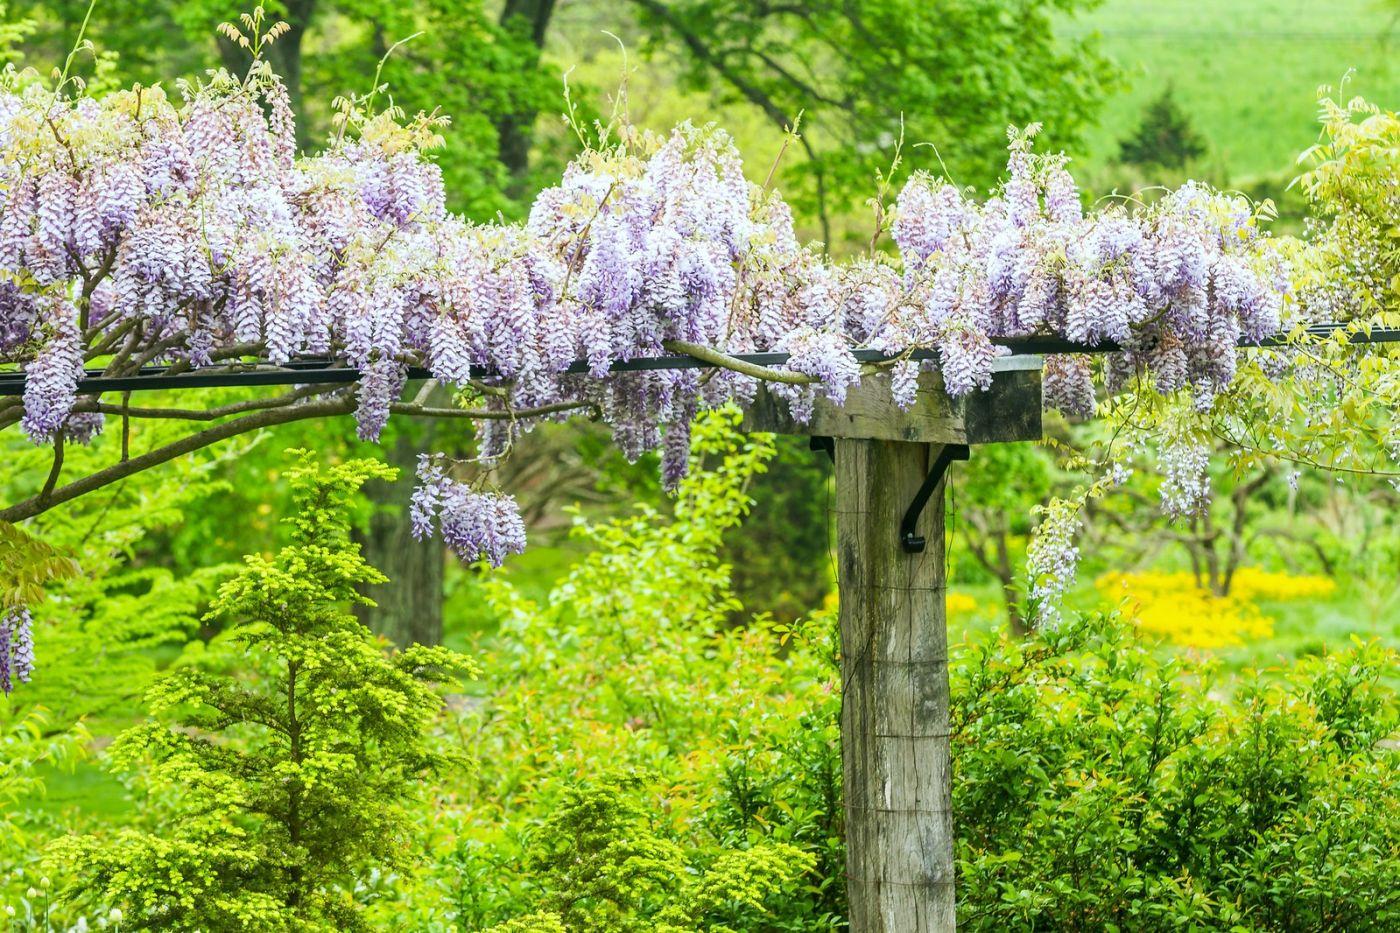 紫藤花相遇在春天_图1-10